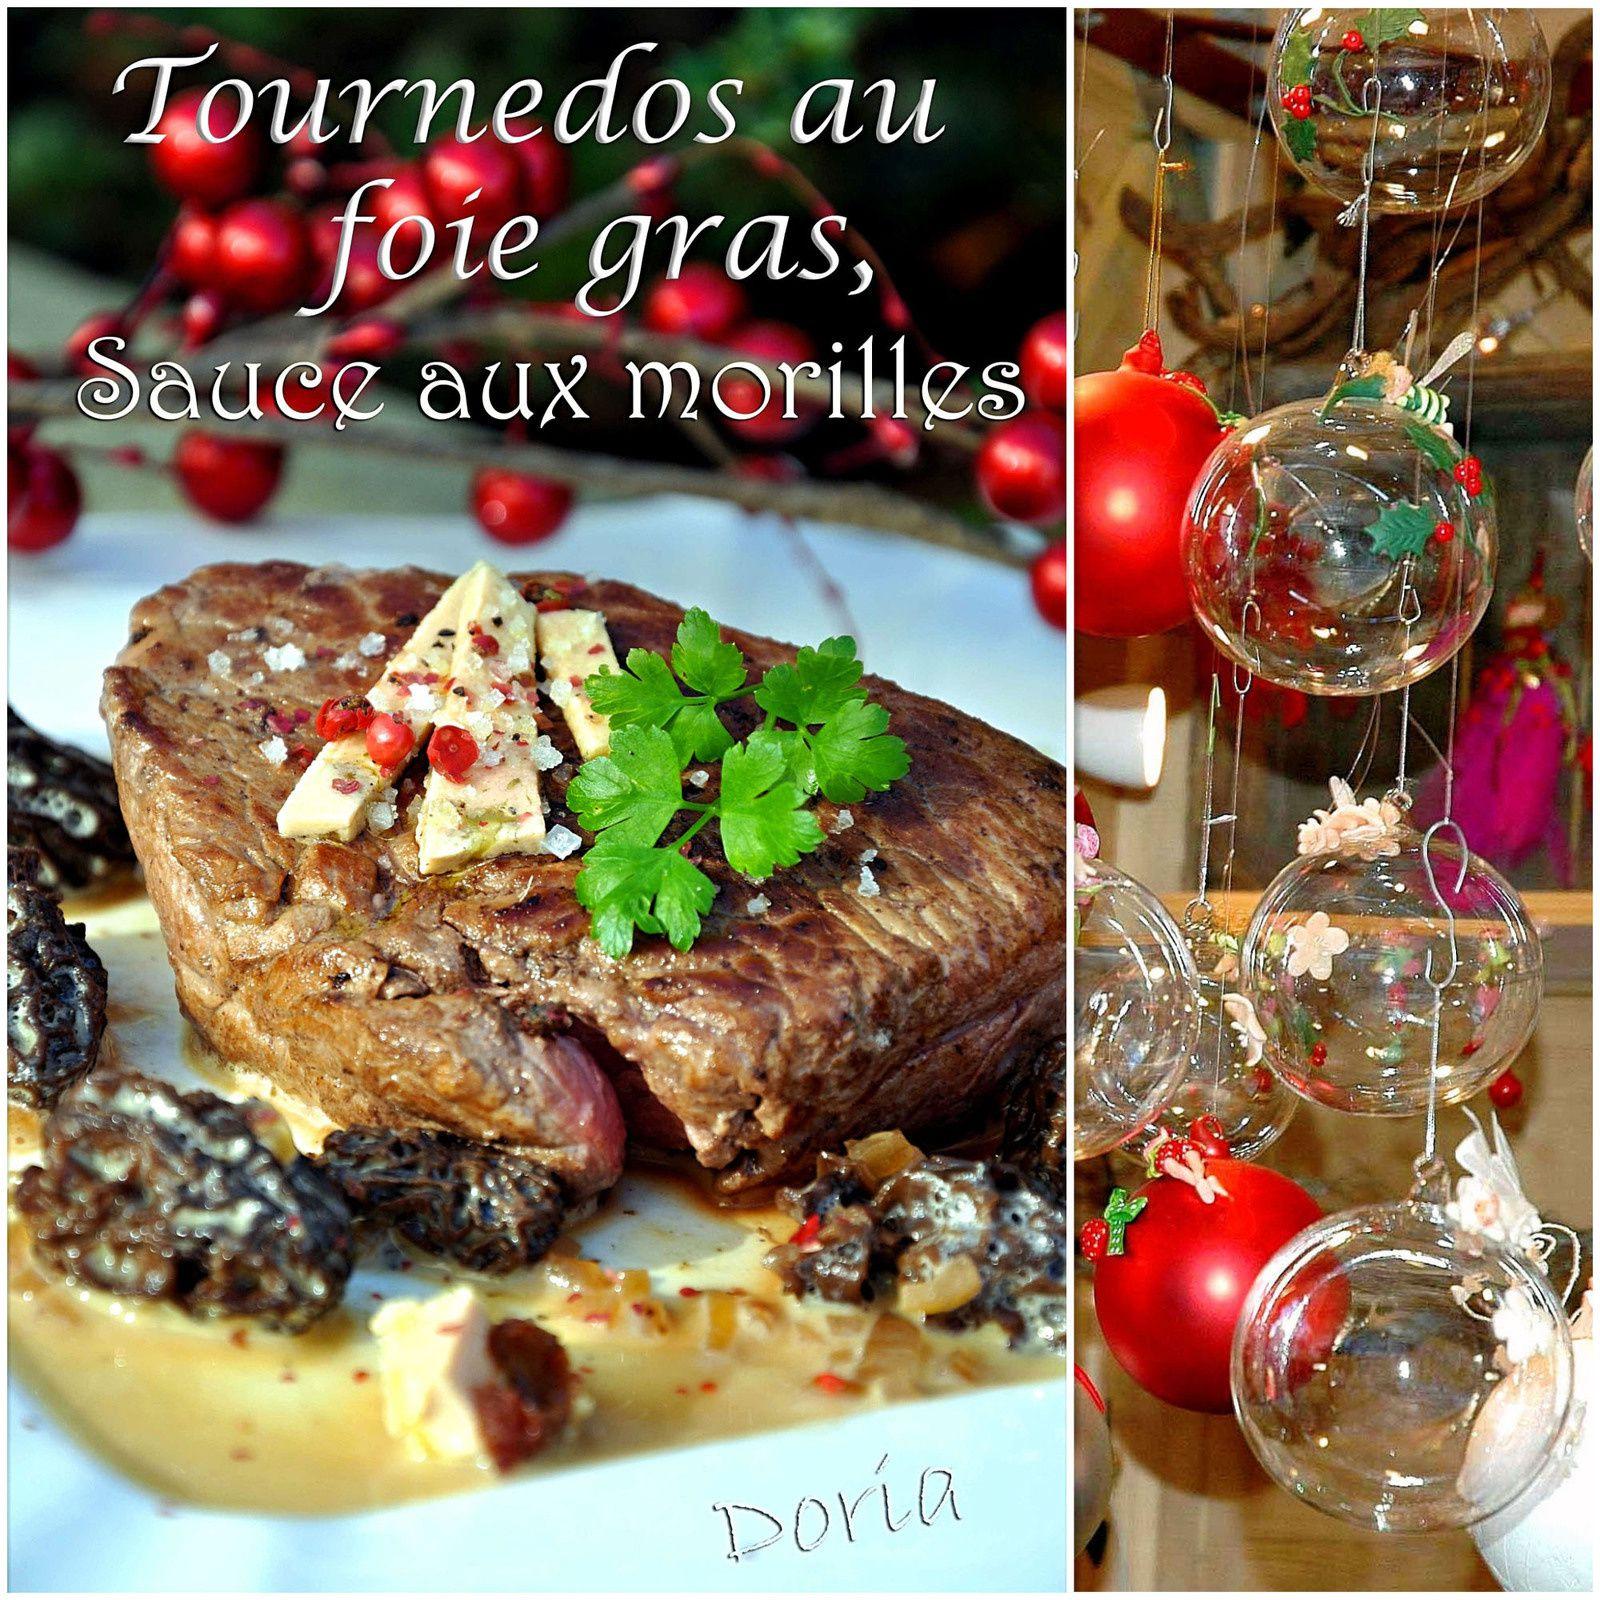 Tournedos au foie gras, sauce aux morilles